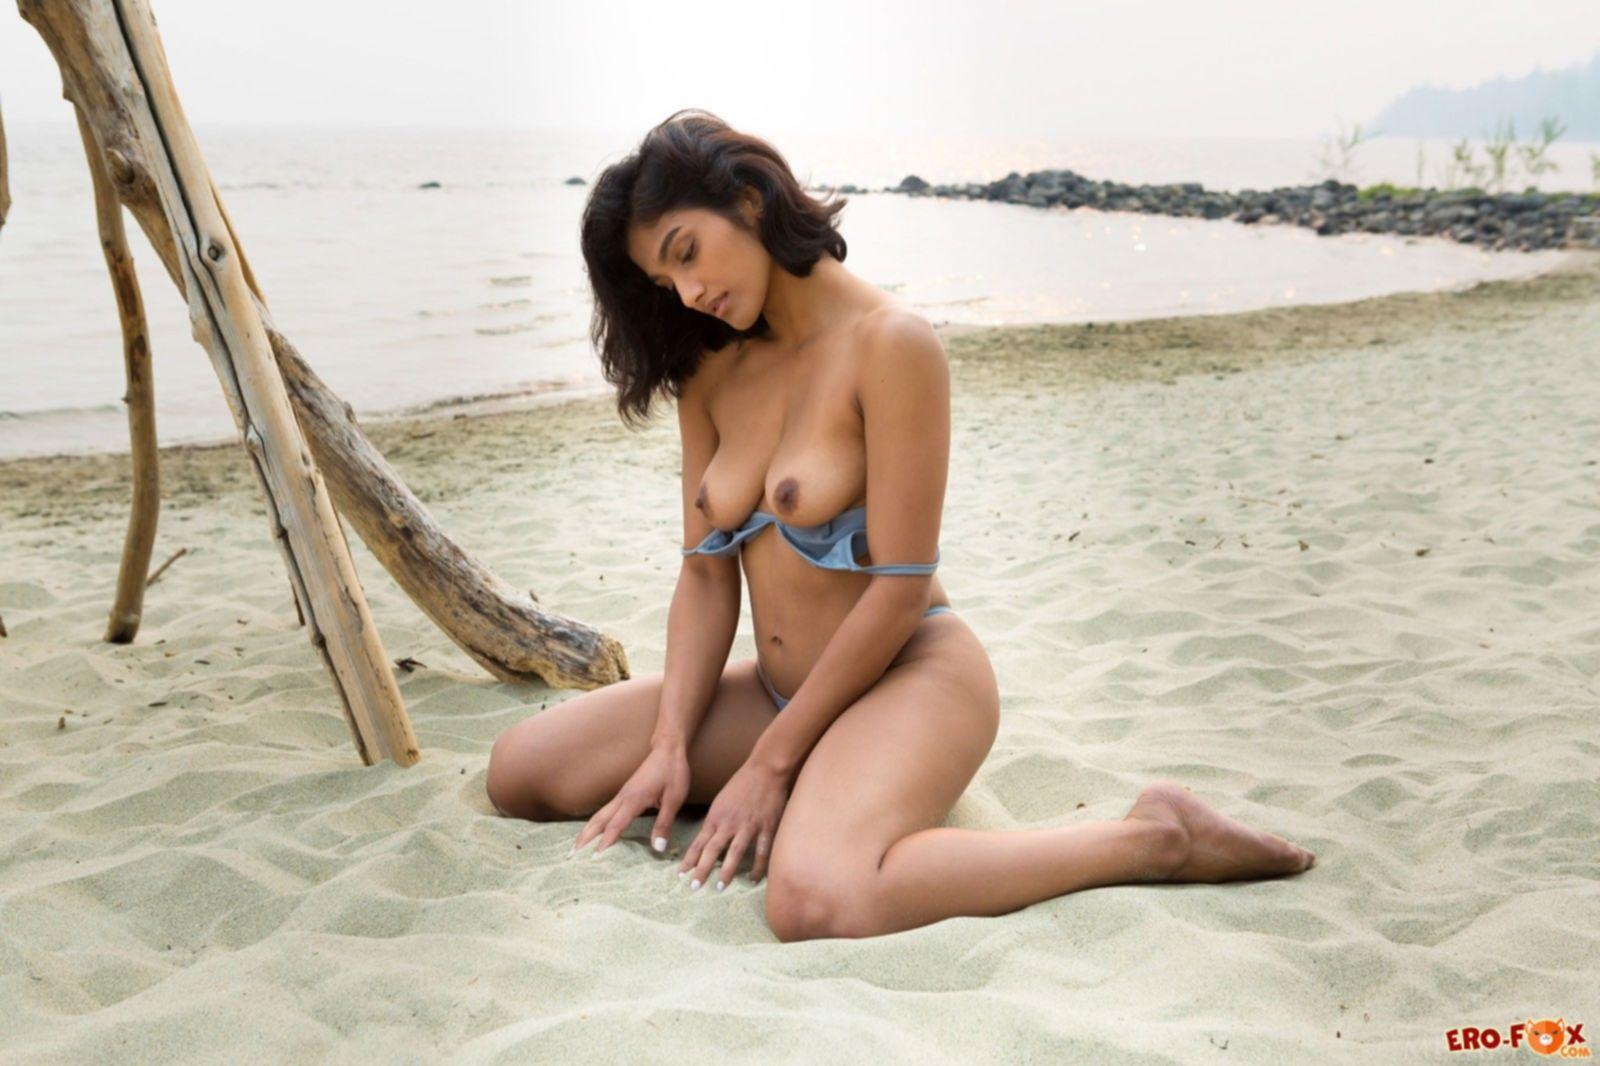 Голая мулатка с экзотической внешностью на пляже - фото